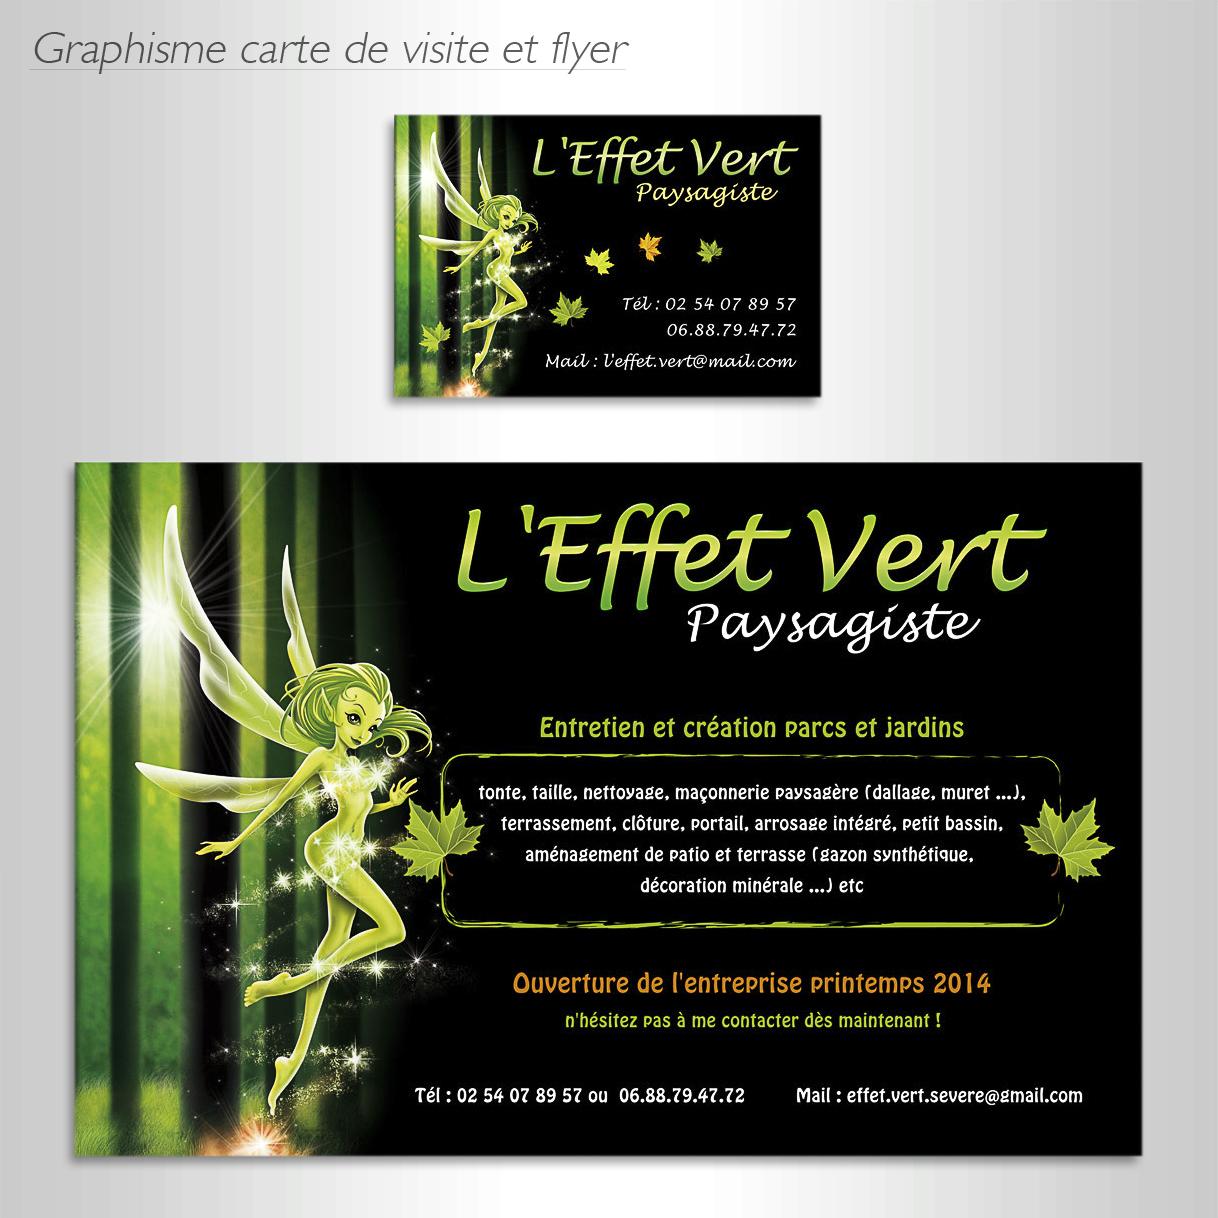 Graphisme Carte De Visite Et Flyer Leffet Vert